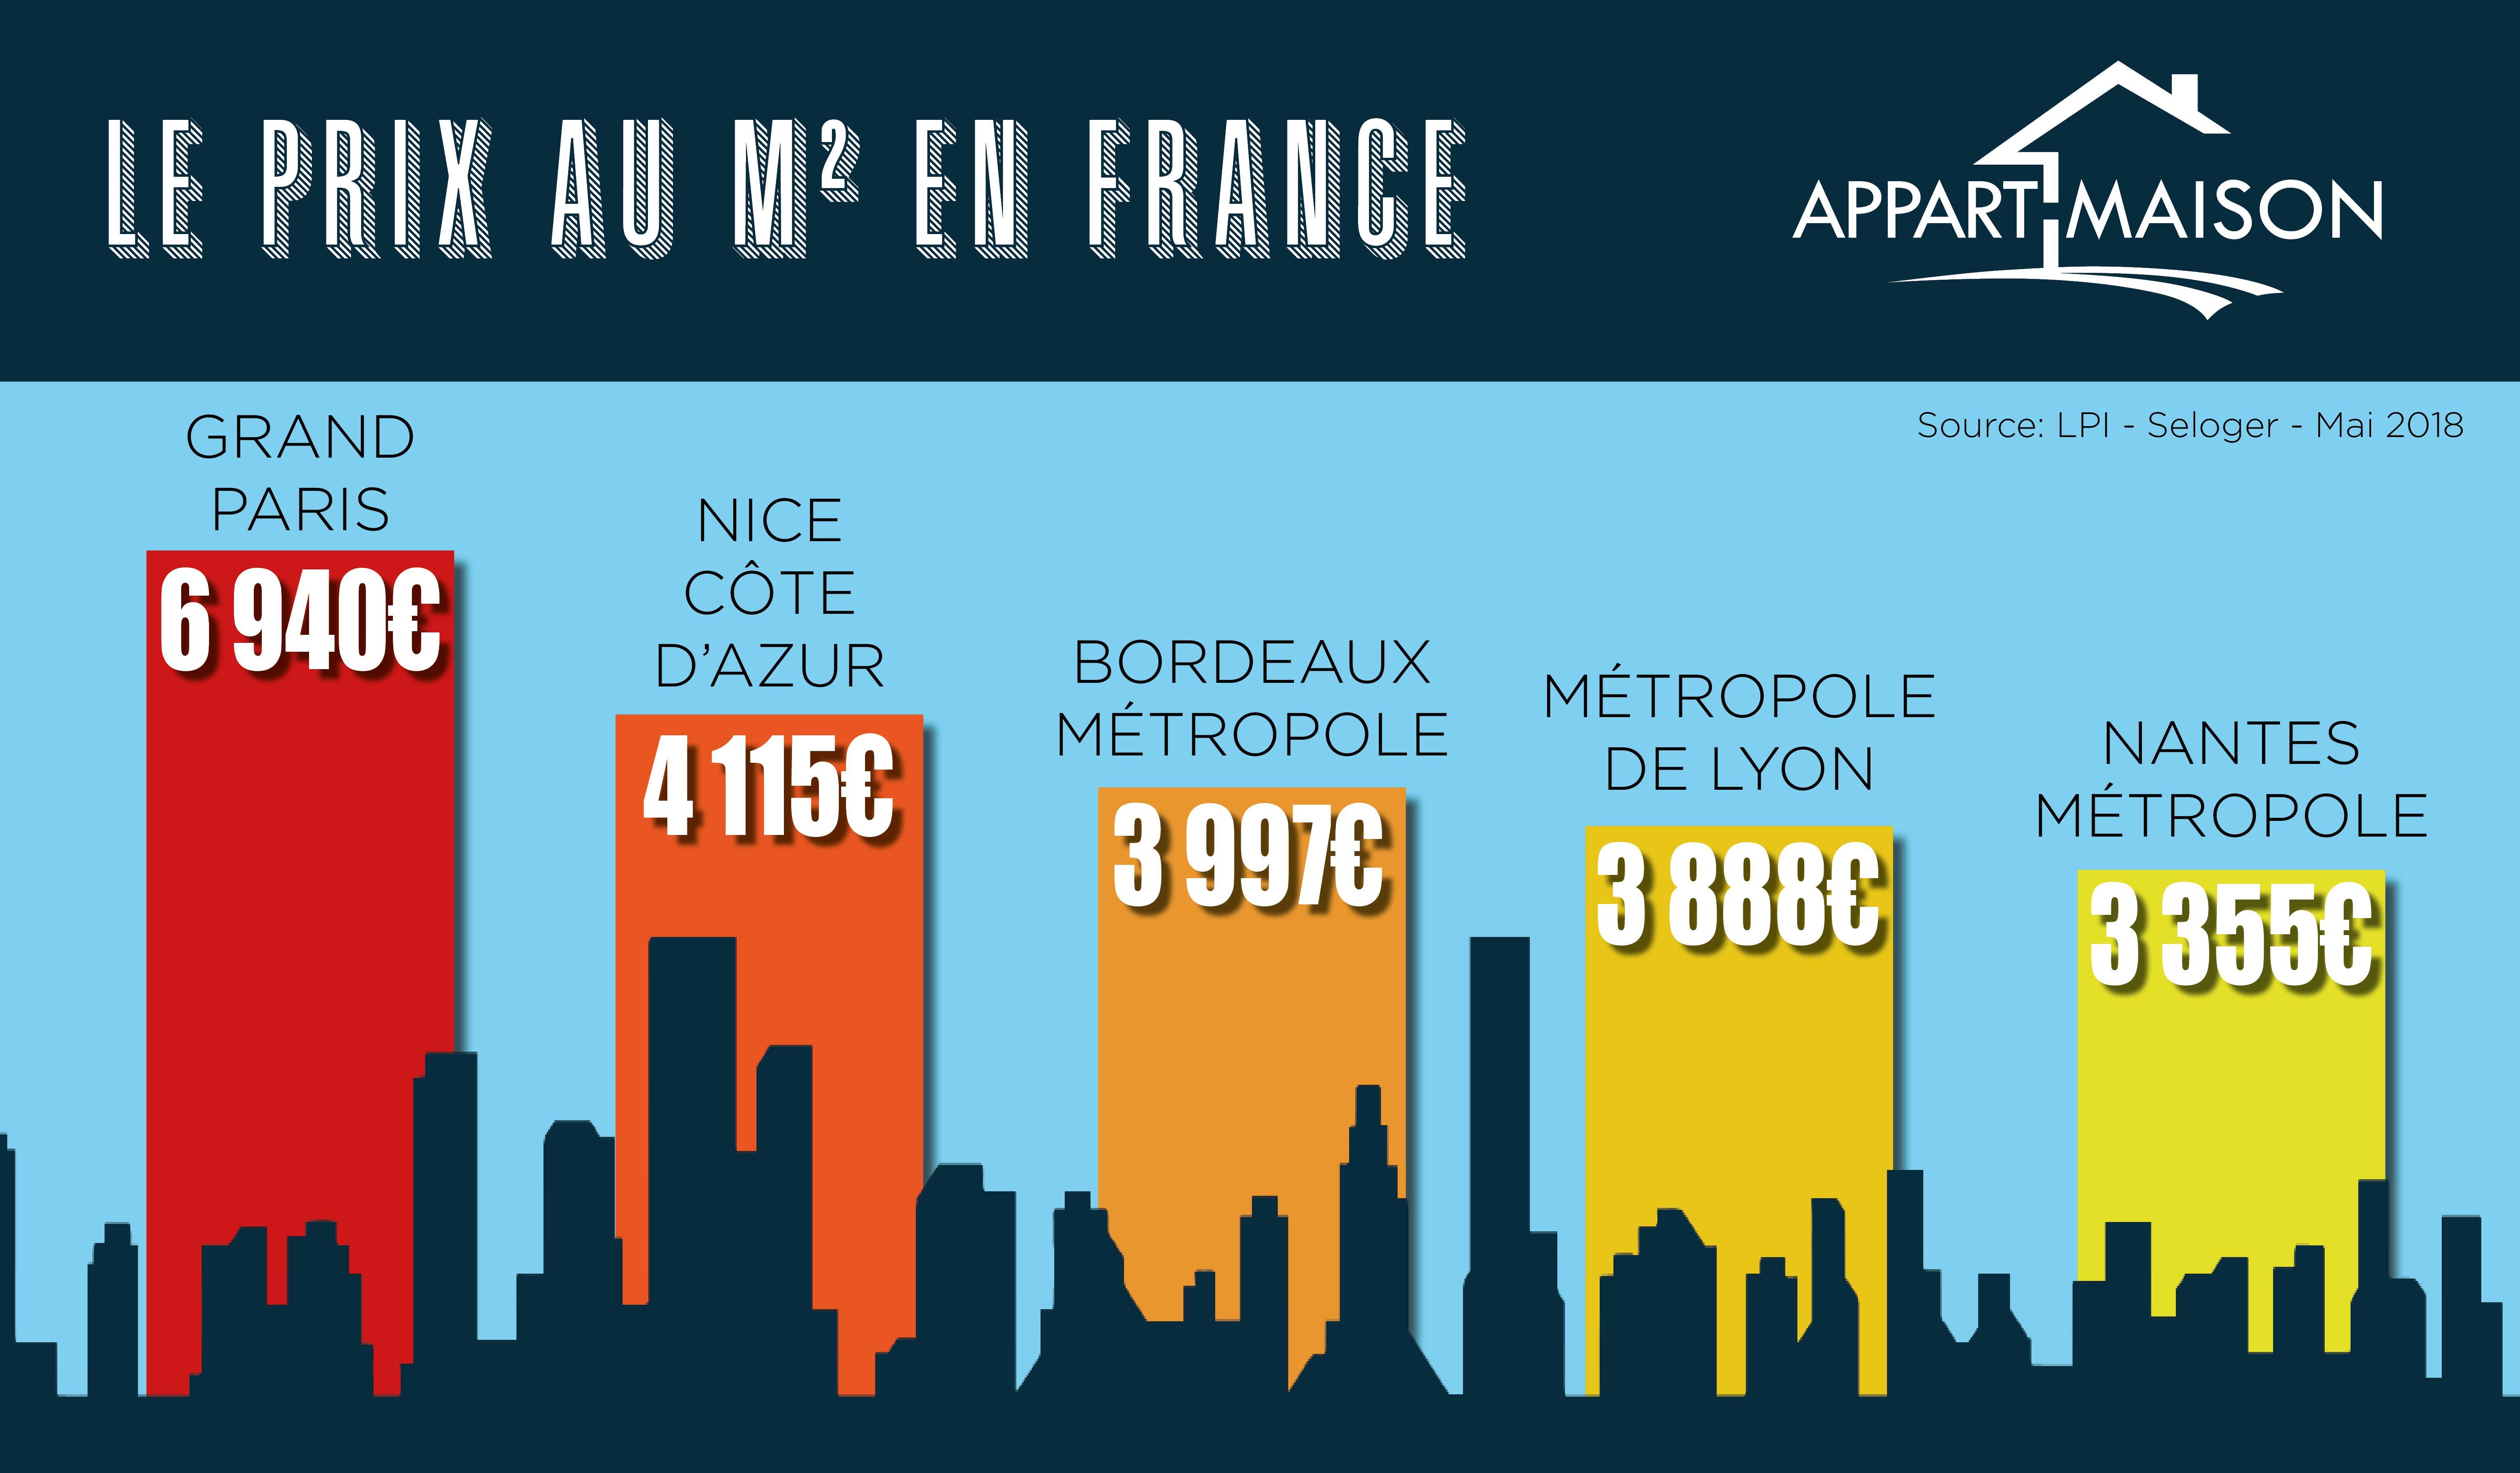 Le Prix Au M² Immobilier En France Maisons Et Appartements Dans Les 5 Villes Et Métropoles Les Plus Chères Maison Immobilier Immobilier Maison Et Appartement